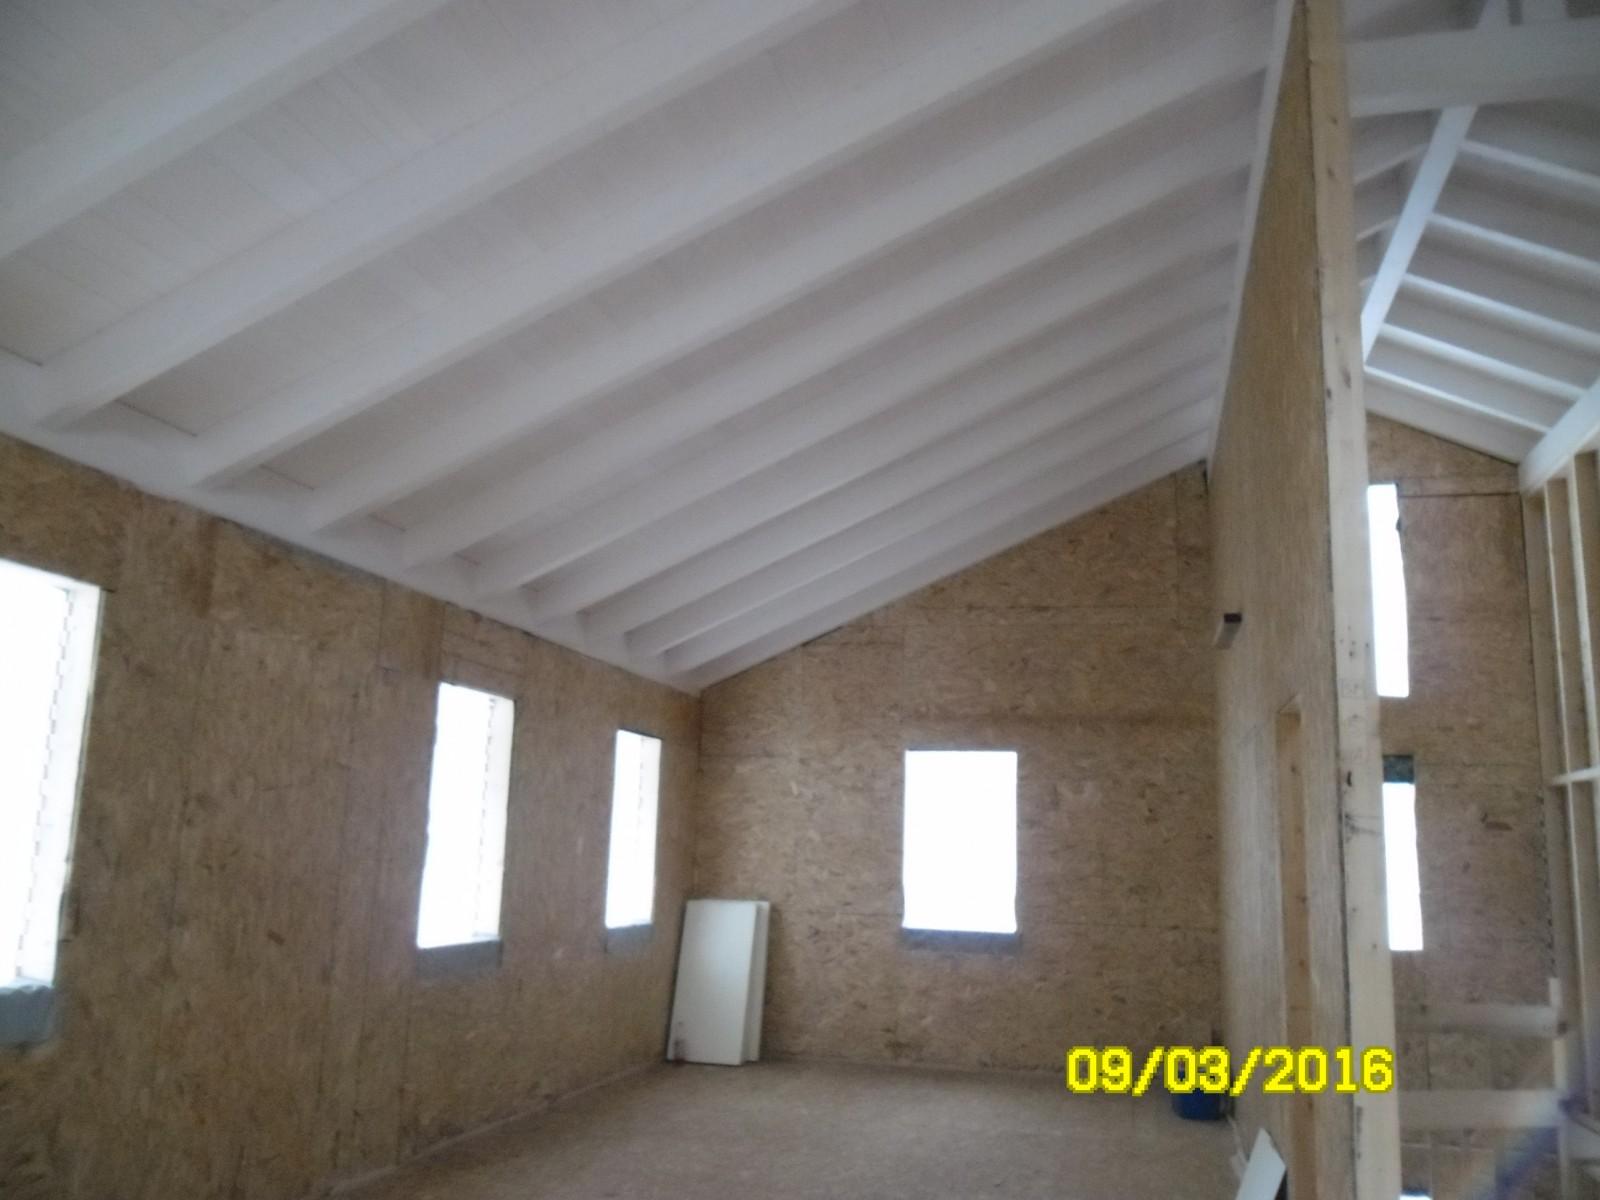 Casa bifamiliare prefabbricata in legno a novi di modena tecnocomfort case - Legno sbiancato tetto ...